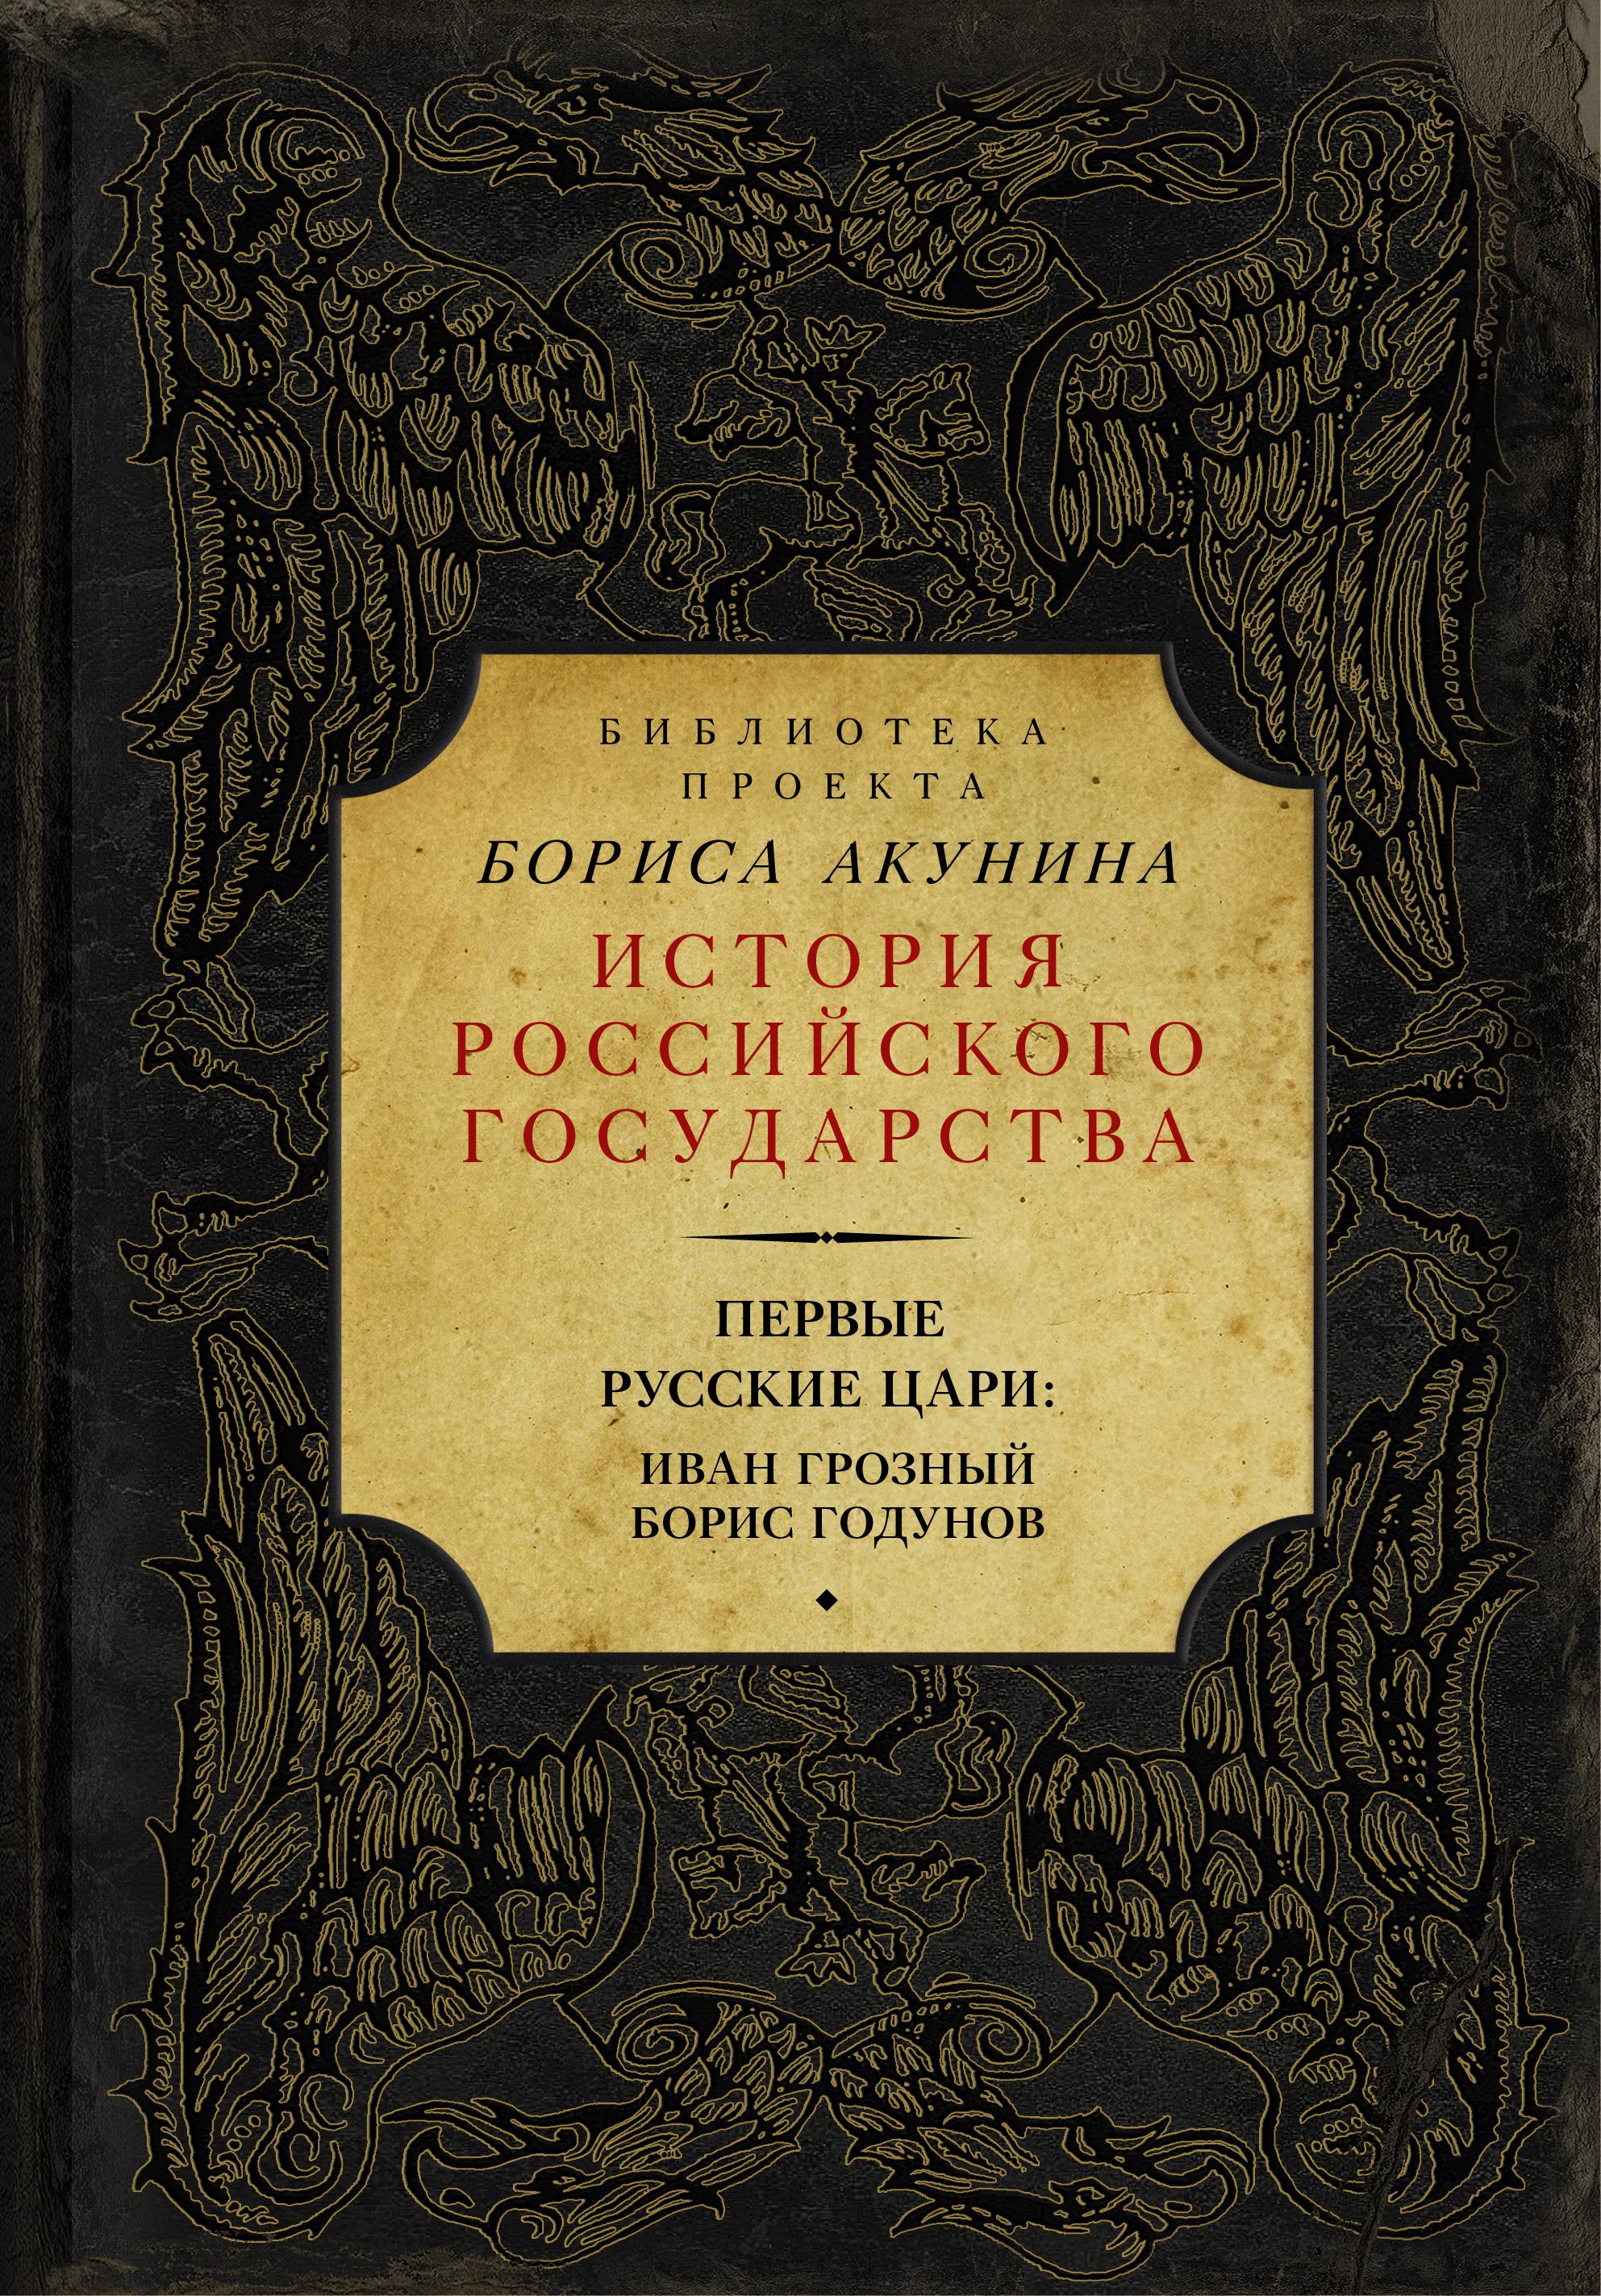 Акунин Б. Первые русские цари: Иван Грозный. Борис Годунов